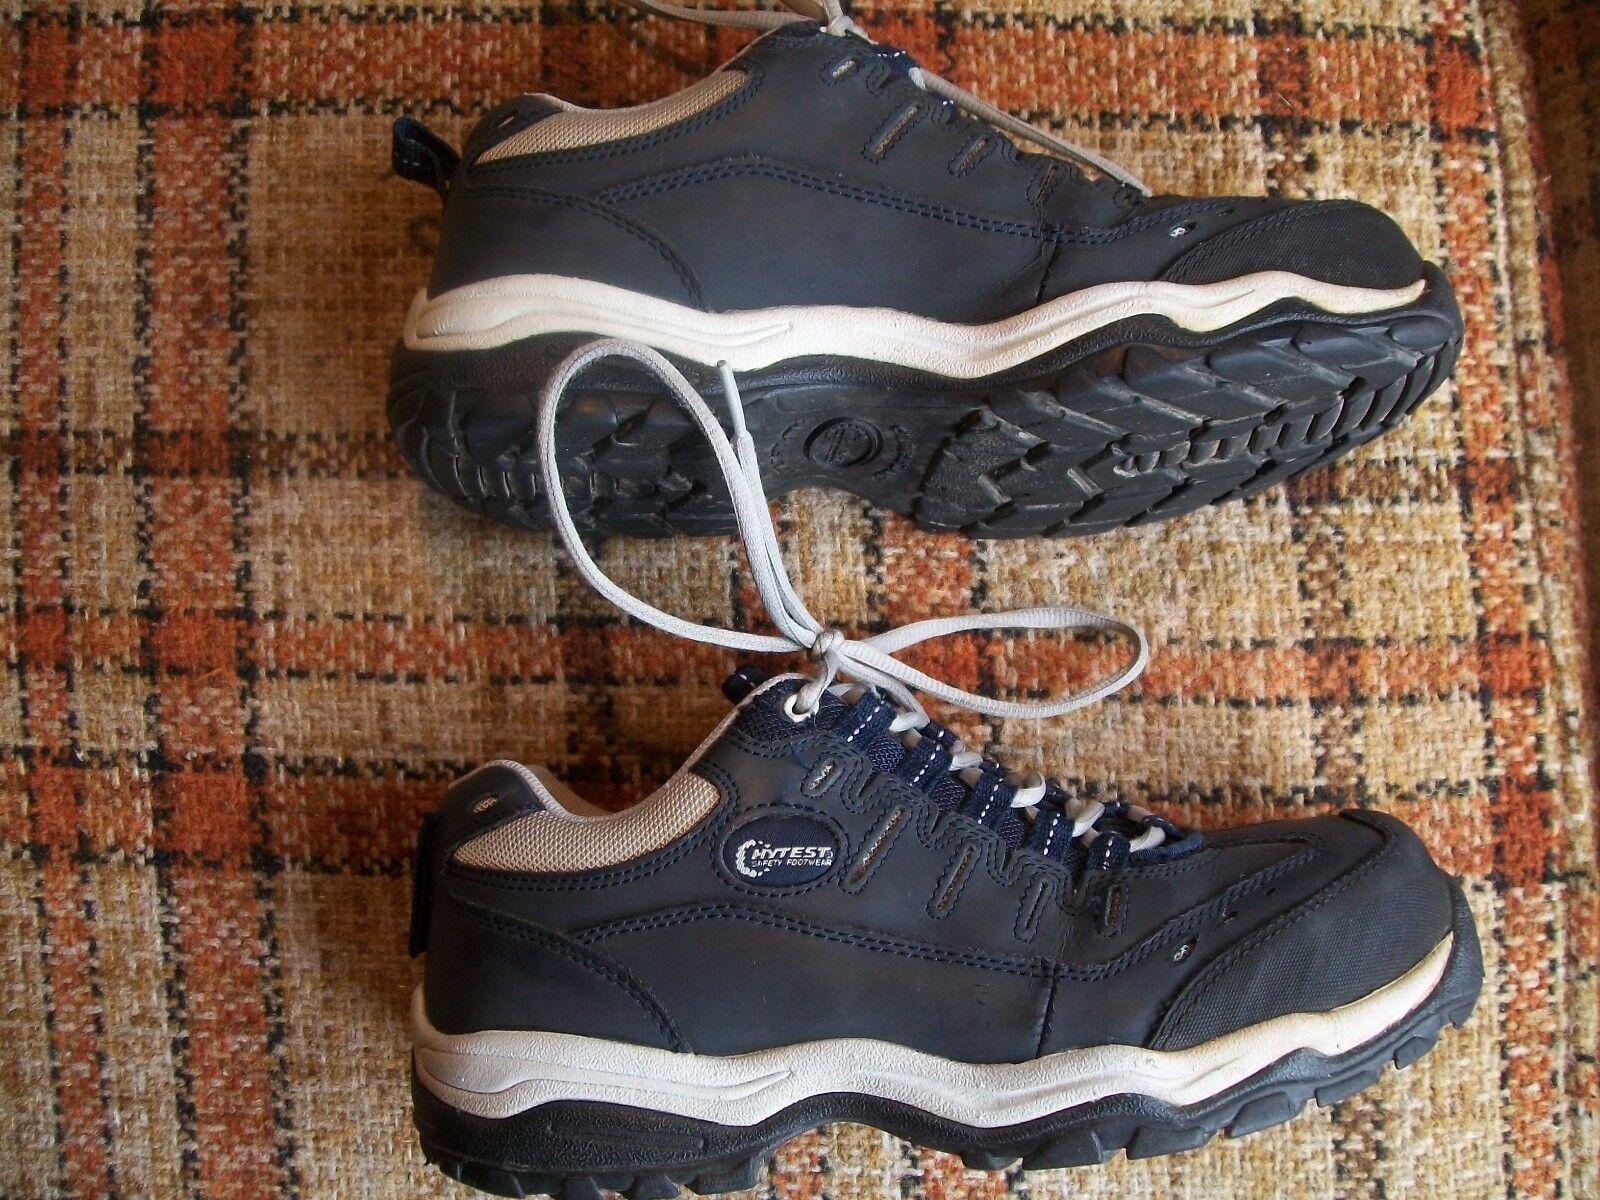 673da97a10e0 SIZE 6 WIDE WIDTH Hard Toe Work Sneaker shoes SN 11162 Mens HyTest ...